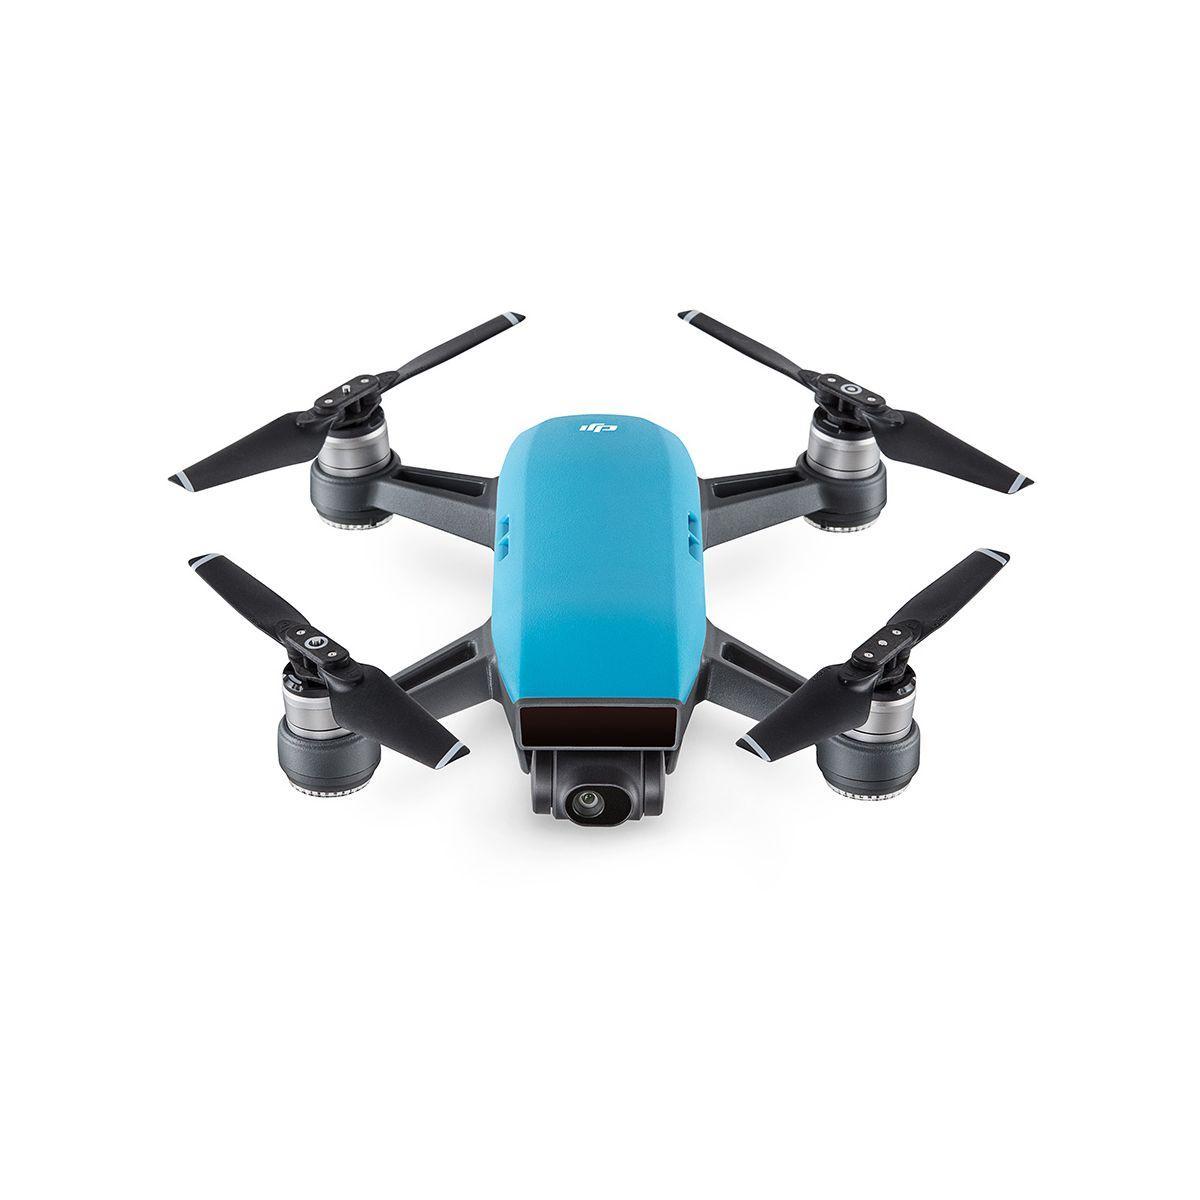 Drones dji spark - 10% de remise imm�diate avec le code : paques10 (photo)